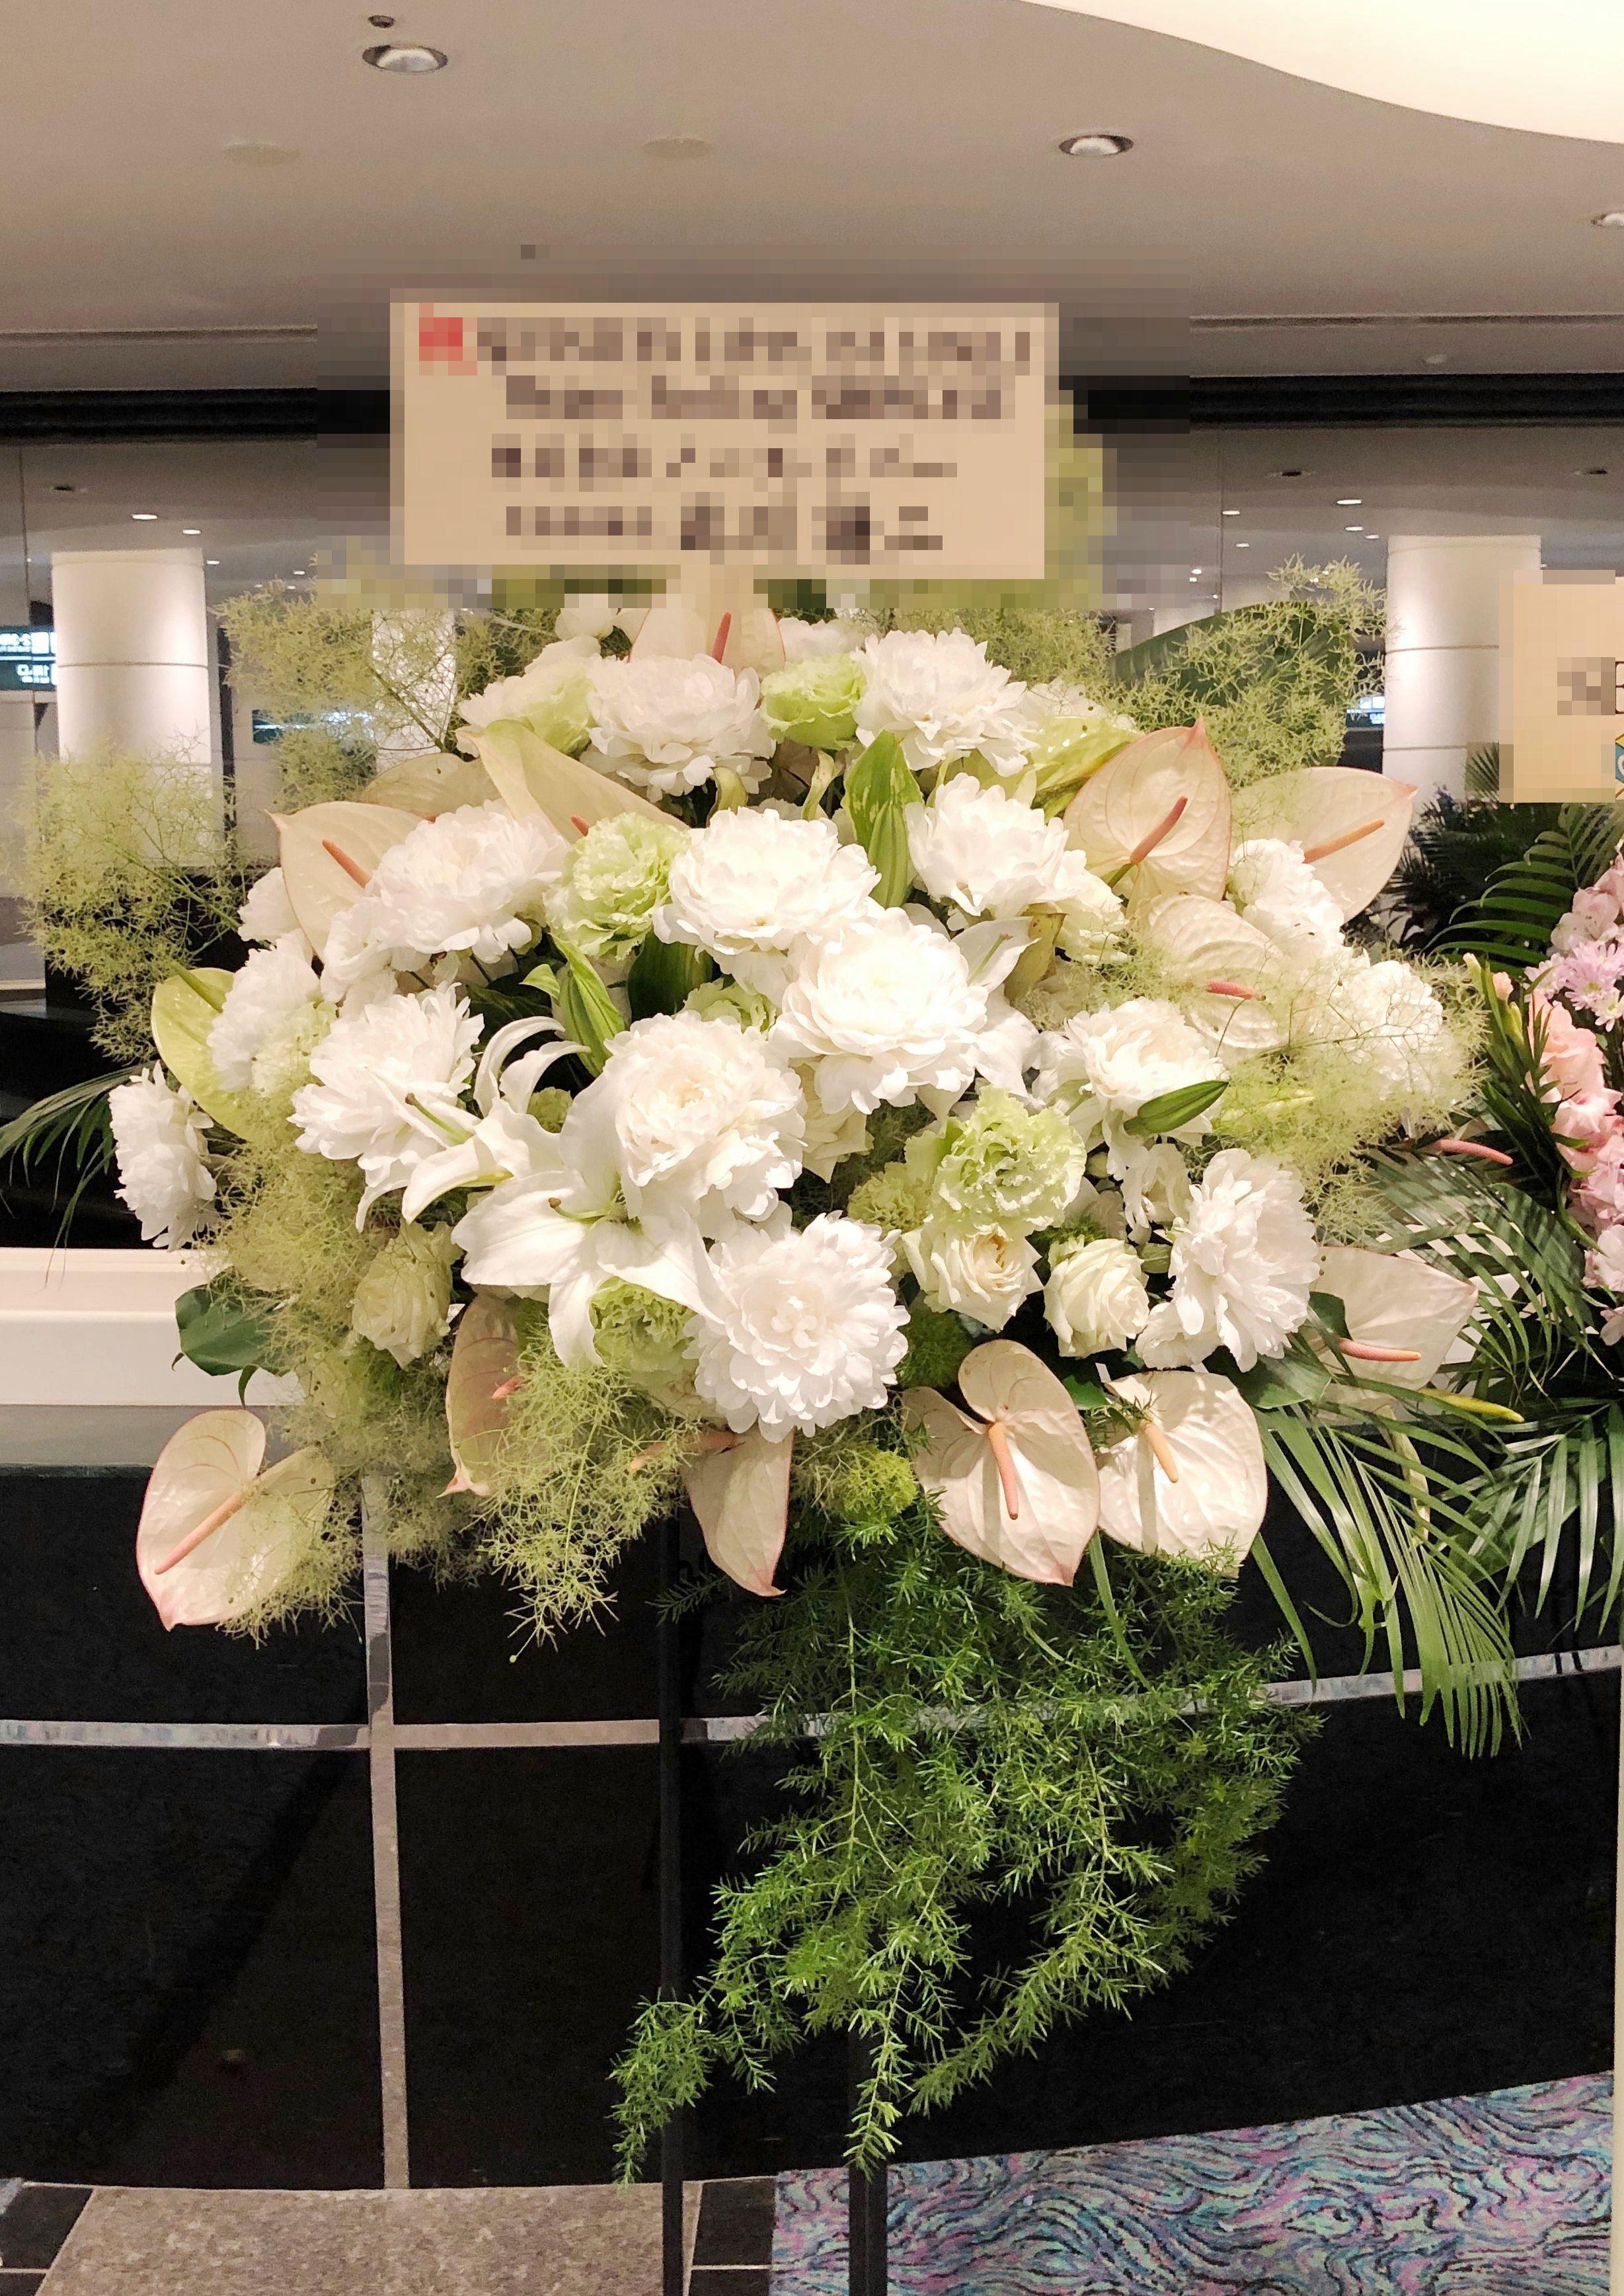 パシフィコ横浜国立大ホールへスタンド花を当日即日配達しました!【横浜花屋の花束・スタンド花・胡蝶蘭・バルーン・アレンジメント配達事例381】